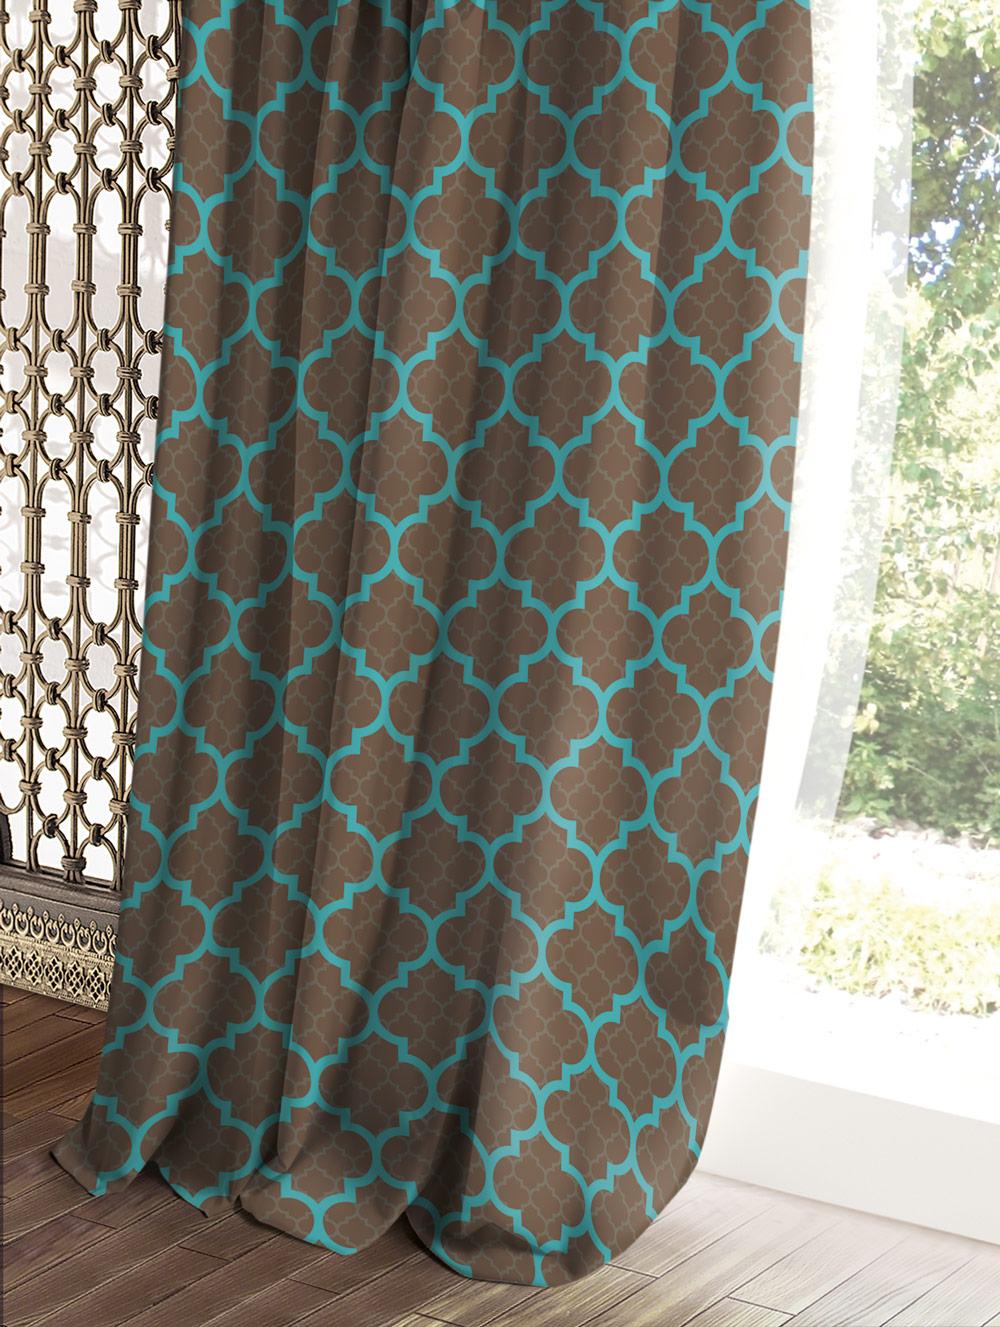 Штора Волшебная ночь Этно, цвет: коричневый, 150 x 270 см штора волшебная ночь прованс цвет зеленый 150 x 270 см